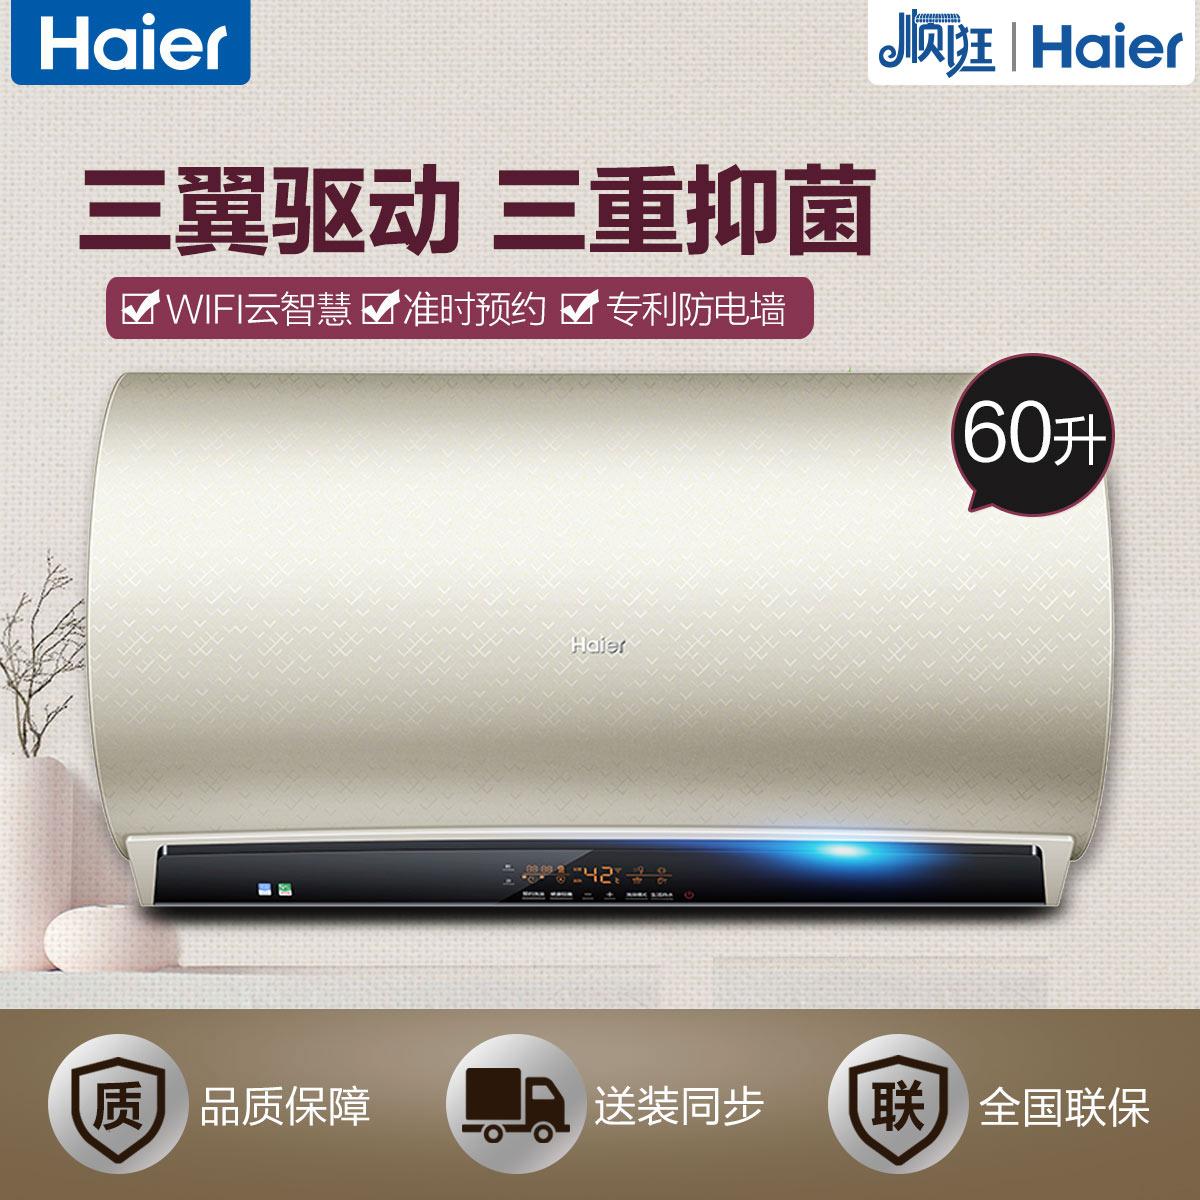 Haier/海尔             电热水器             ES60H-S9(U1)浅啡